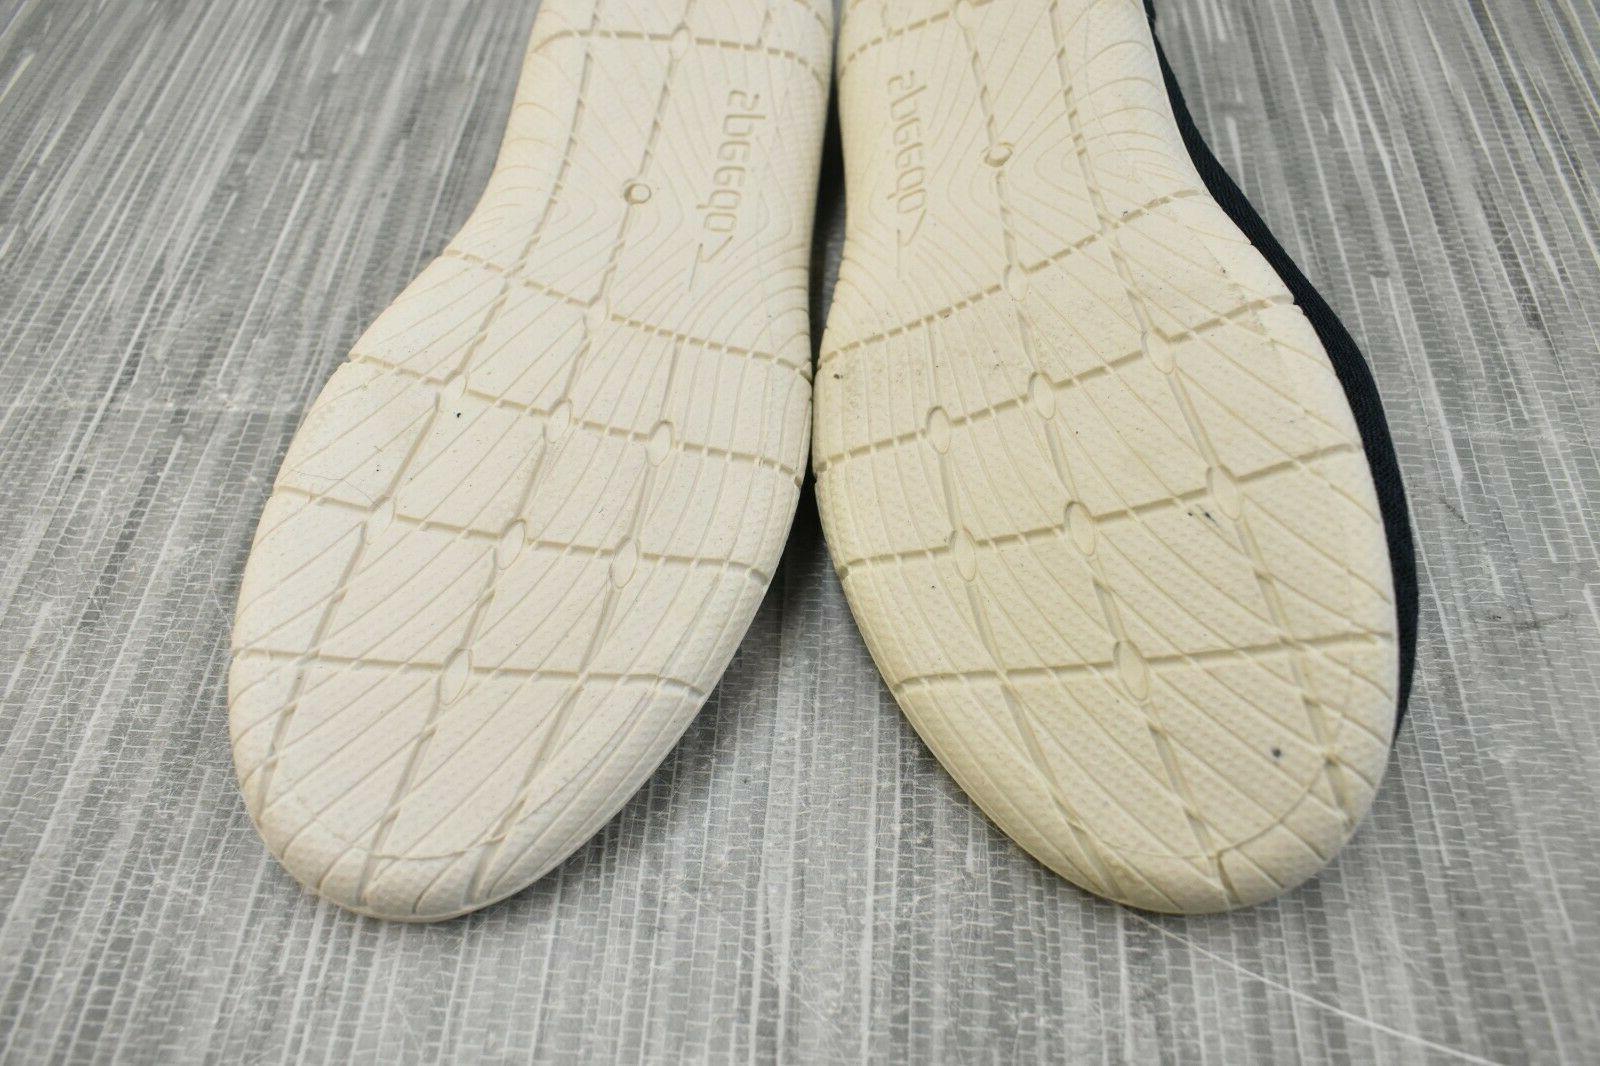 Speedo Shoes - Size 8, Navy